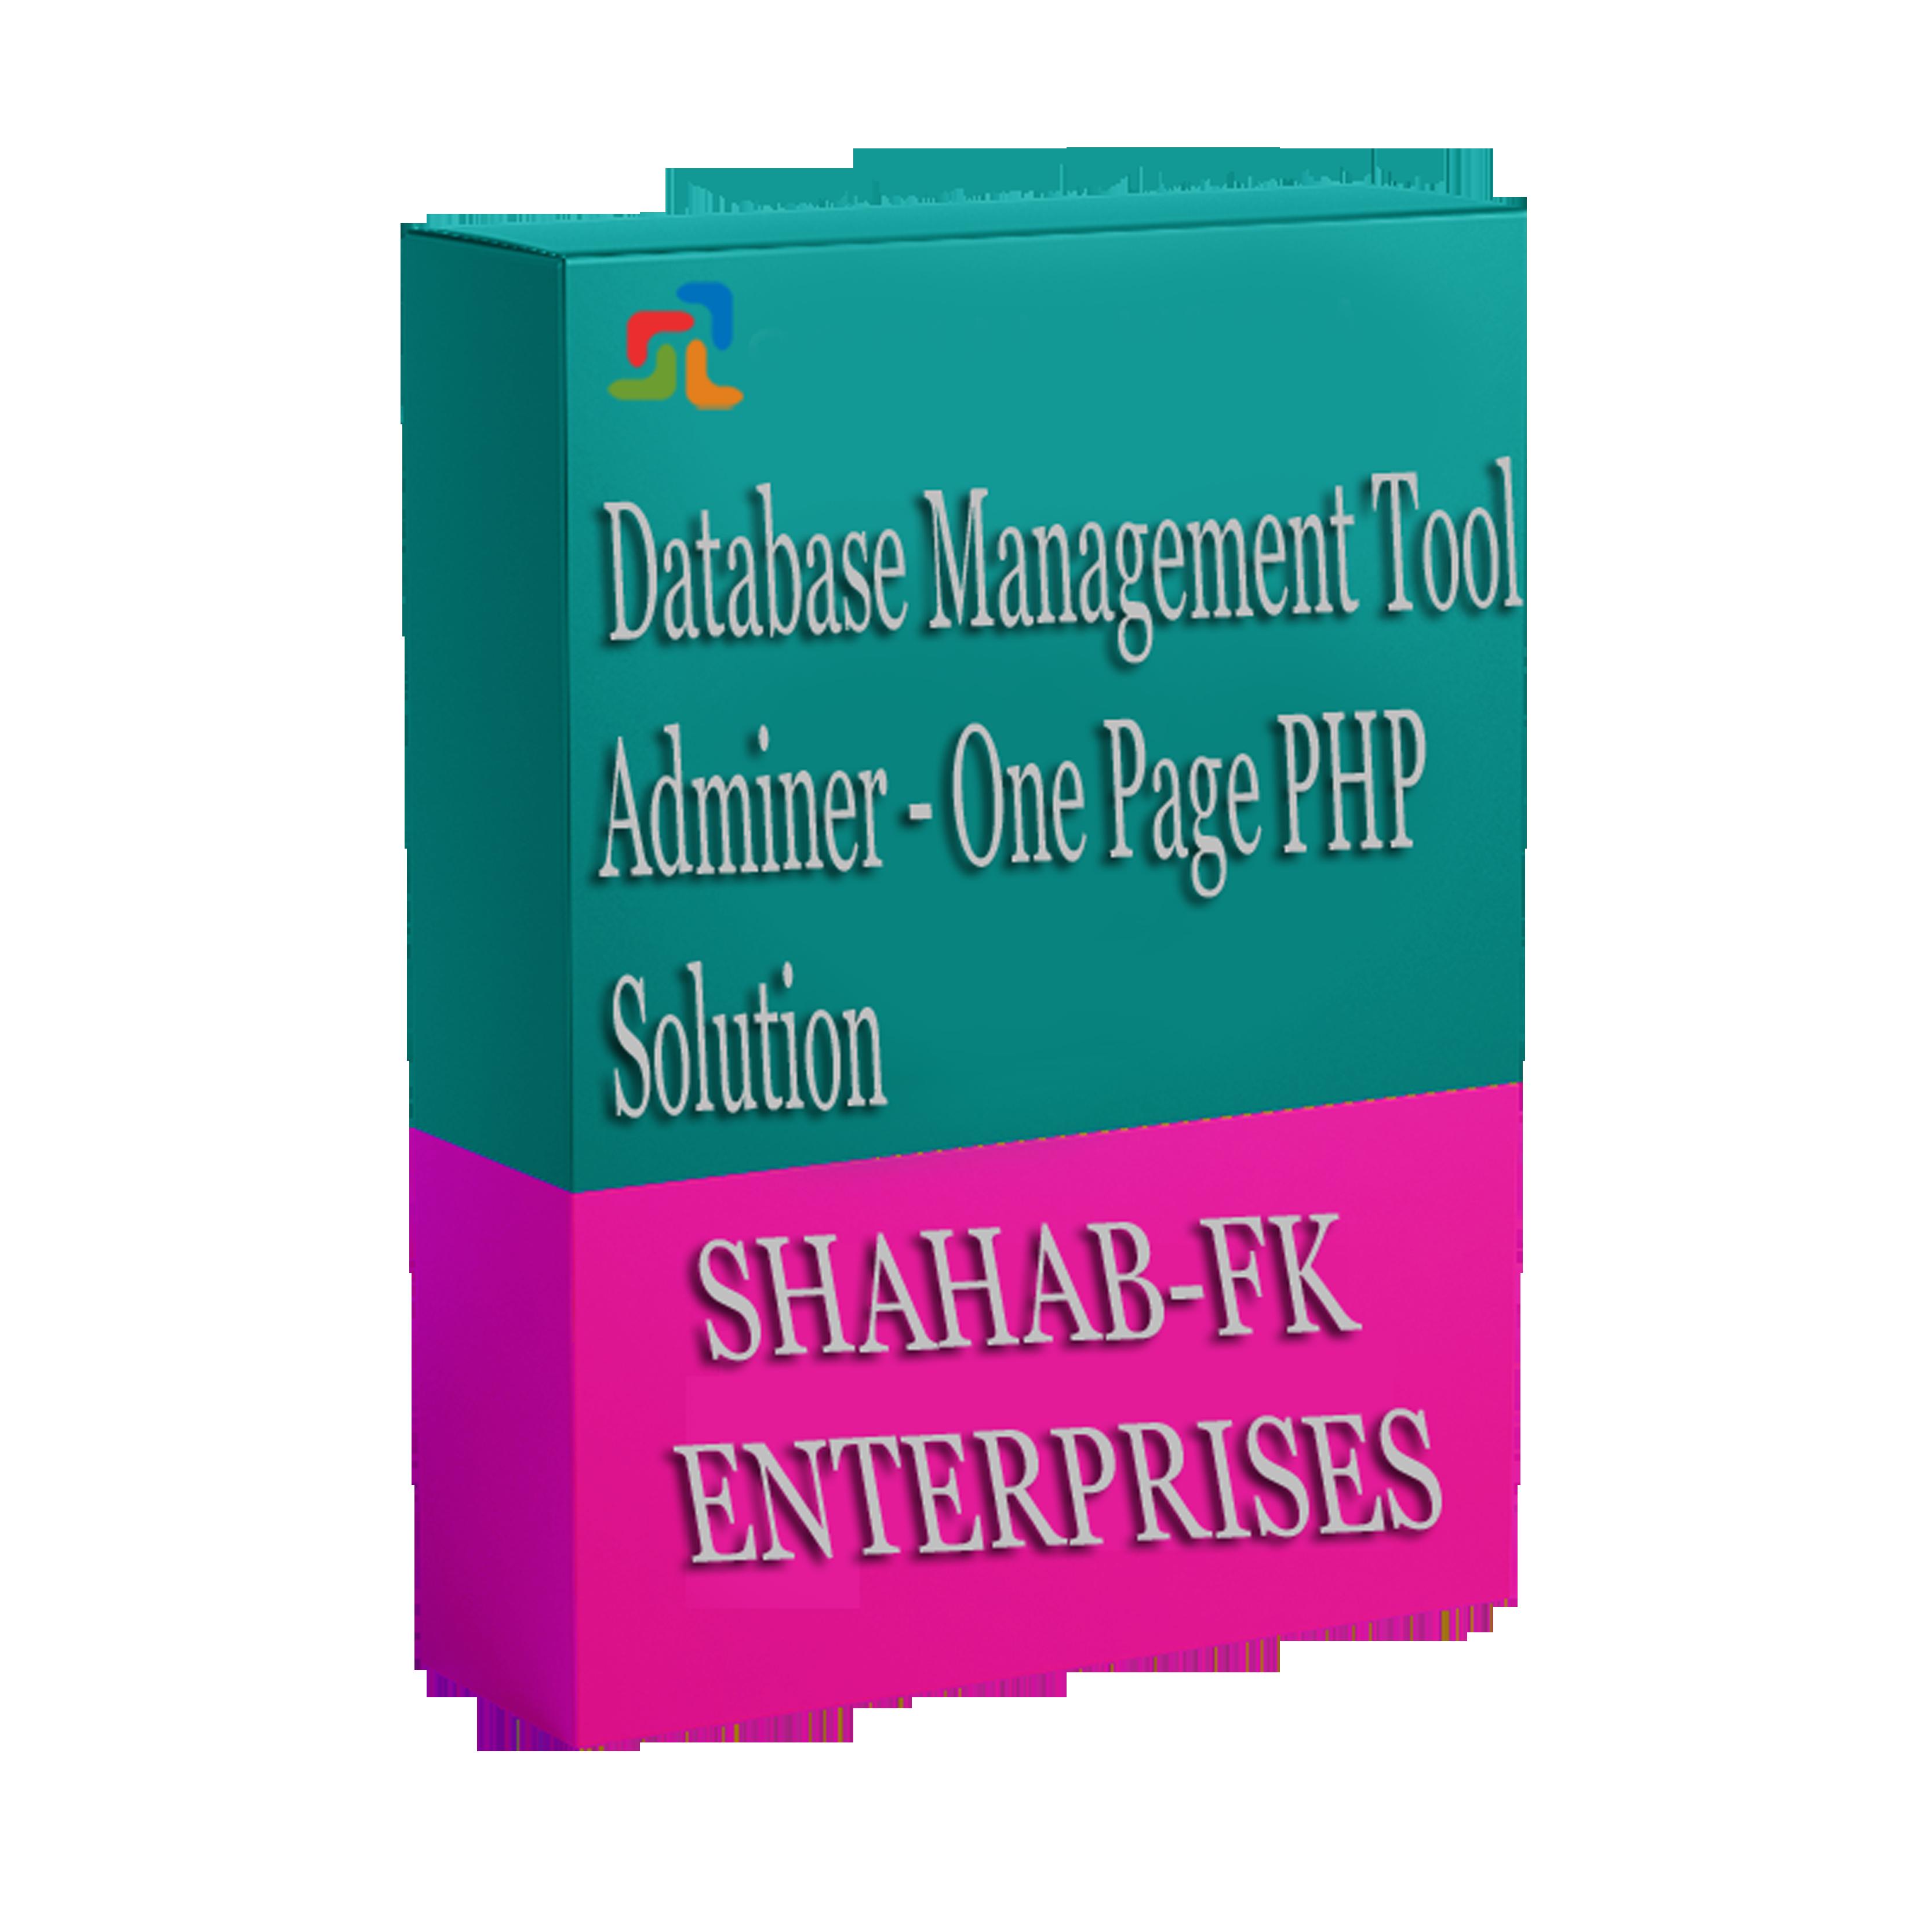 Prestashop Extension: PrestaShop Database Management Tool Adminer Integration